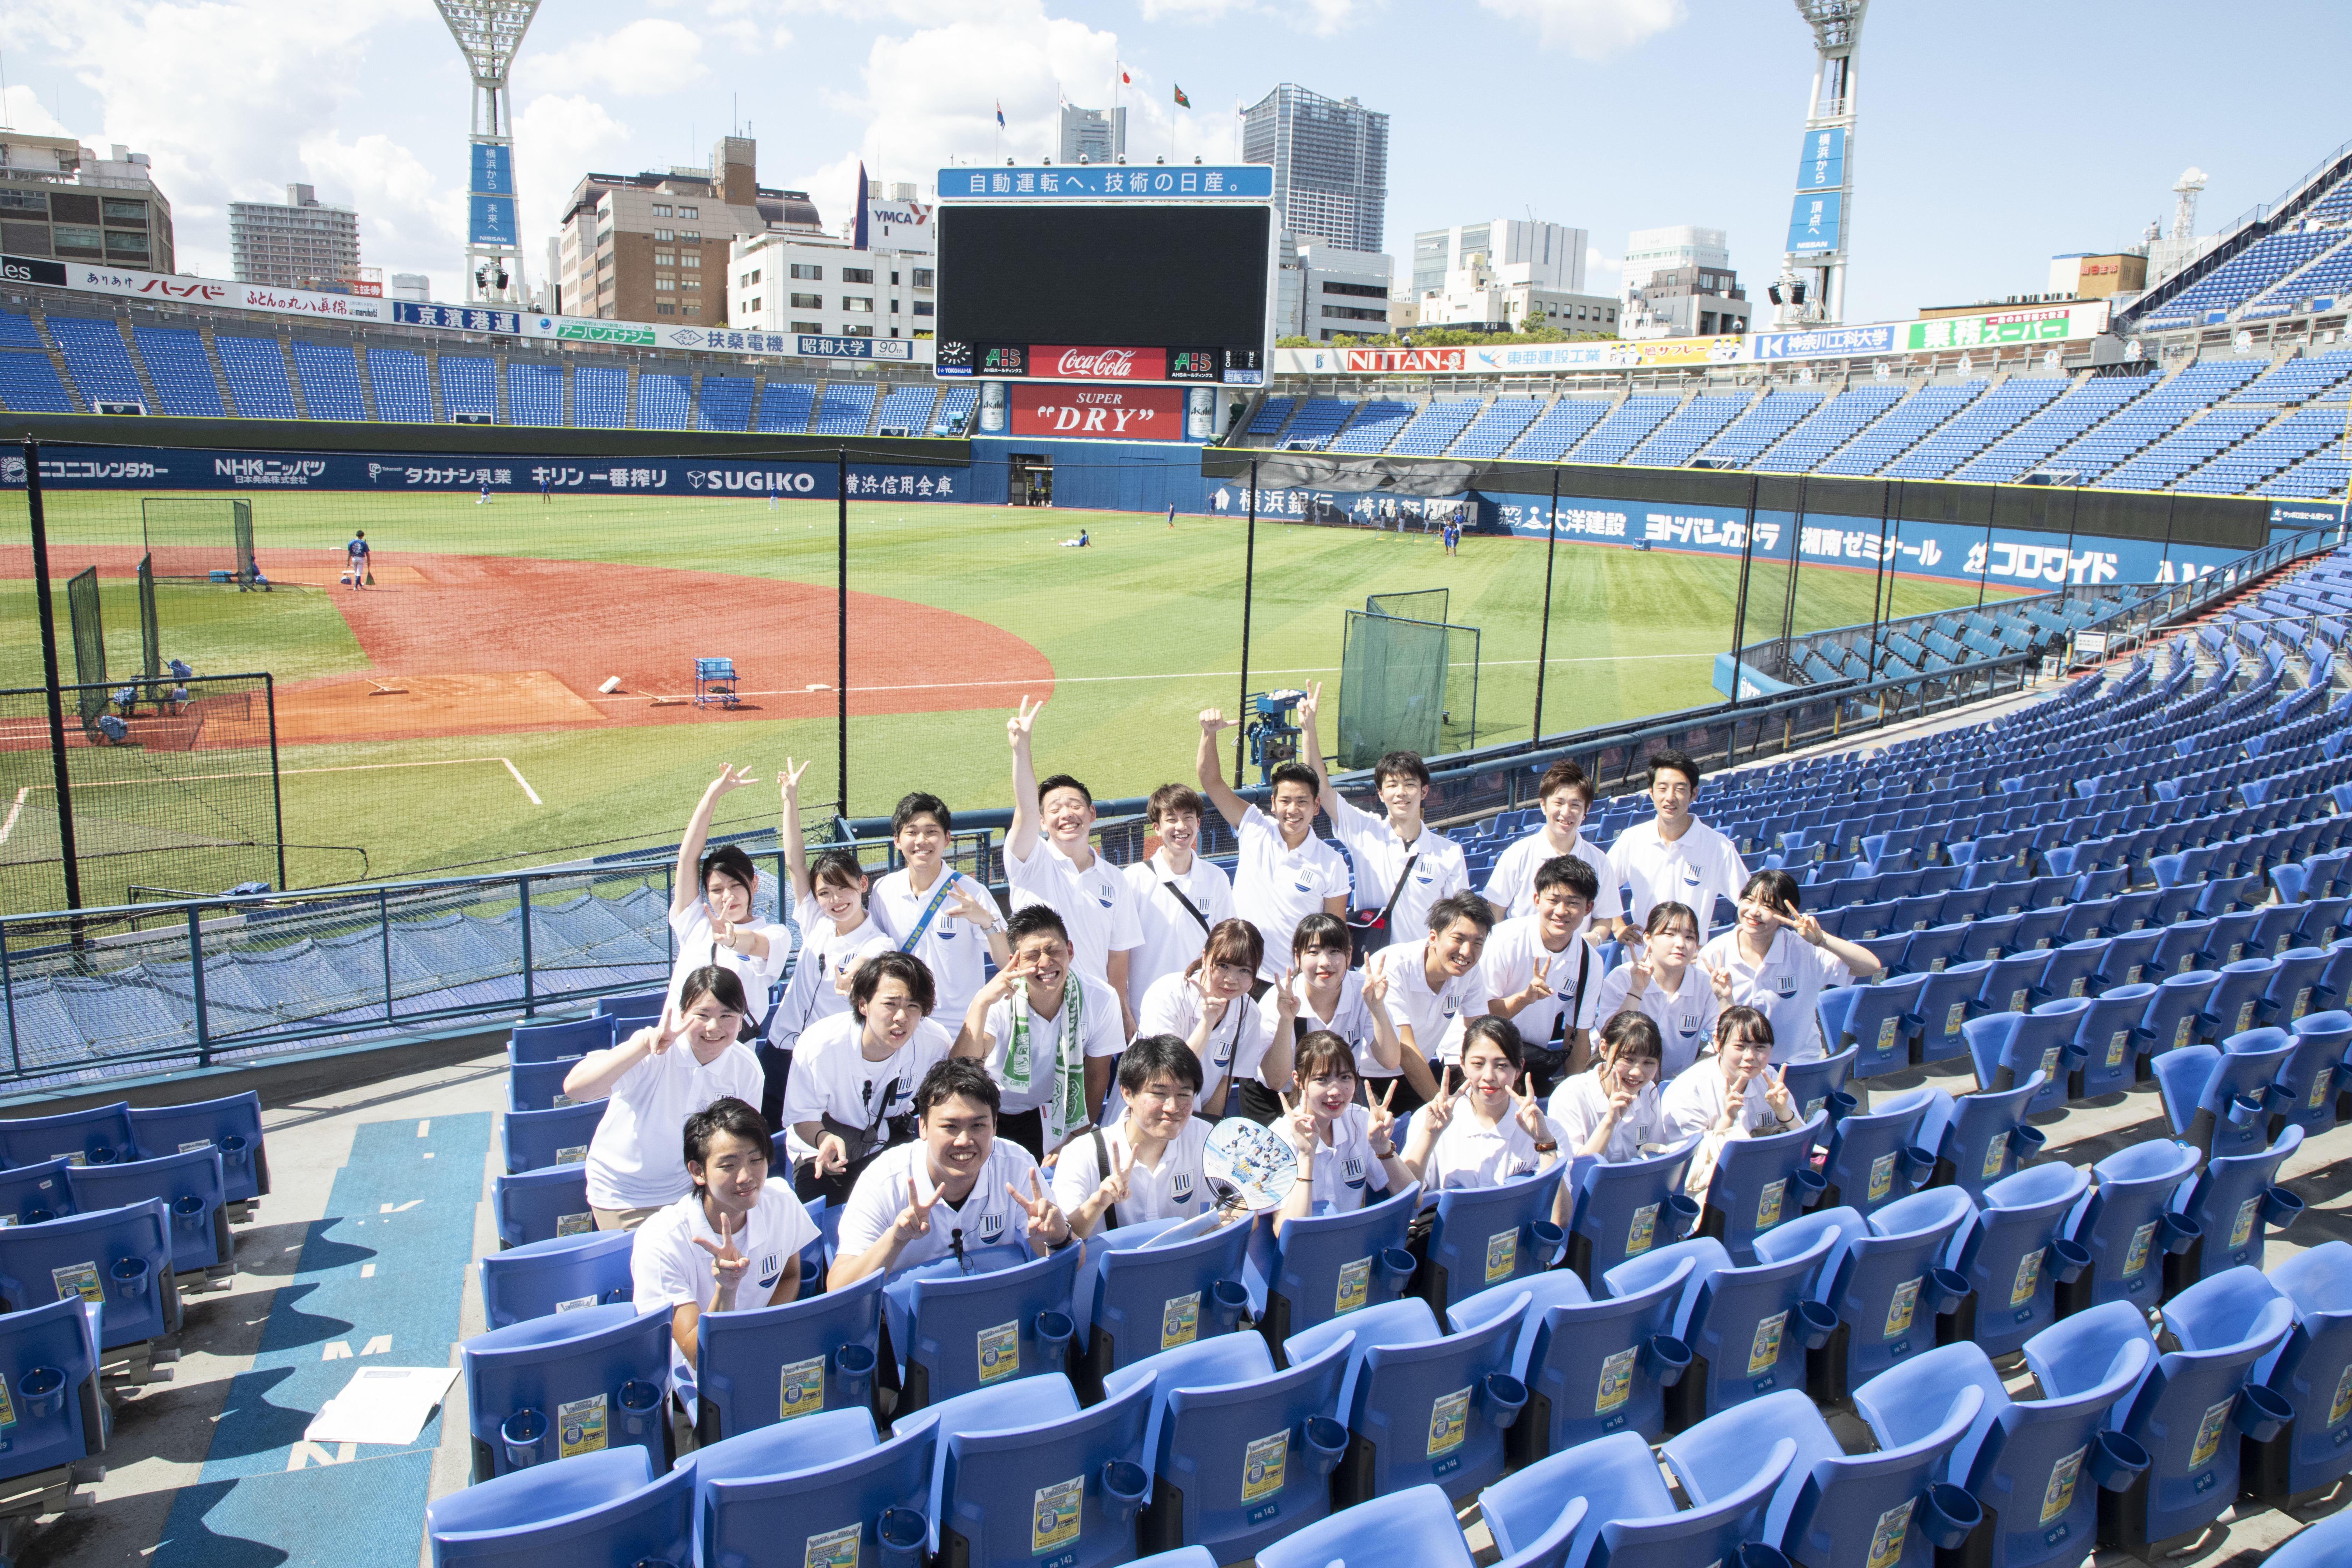 帝京平成大学が横浜DeNAベイスターズ公式戦で「帝京平成大学デー」を開催 -- 新型コロナウイルス感染予防対策を徹底して実施